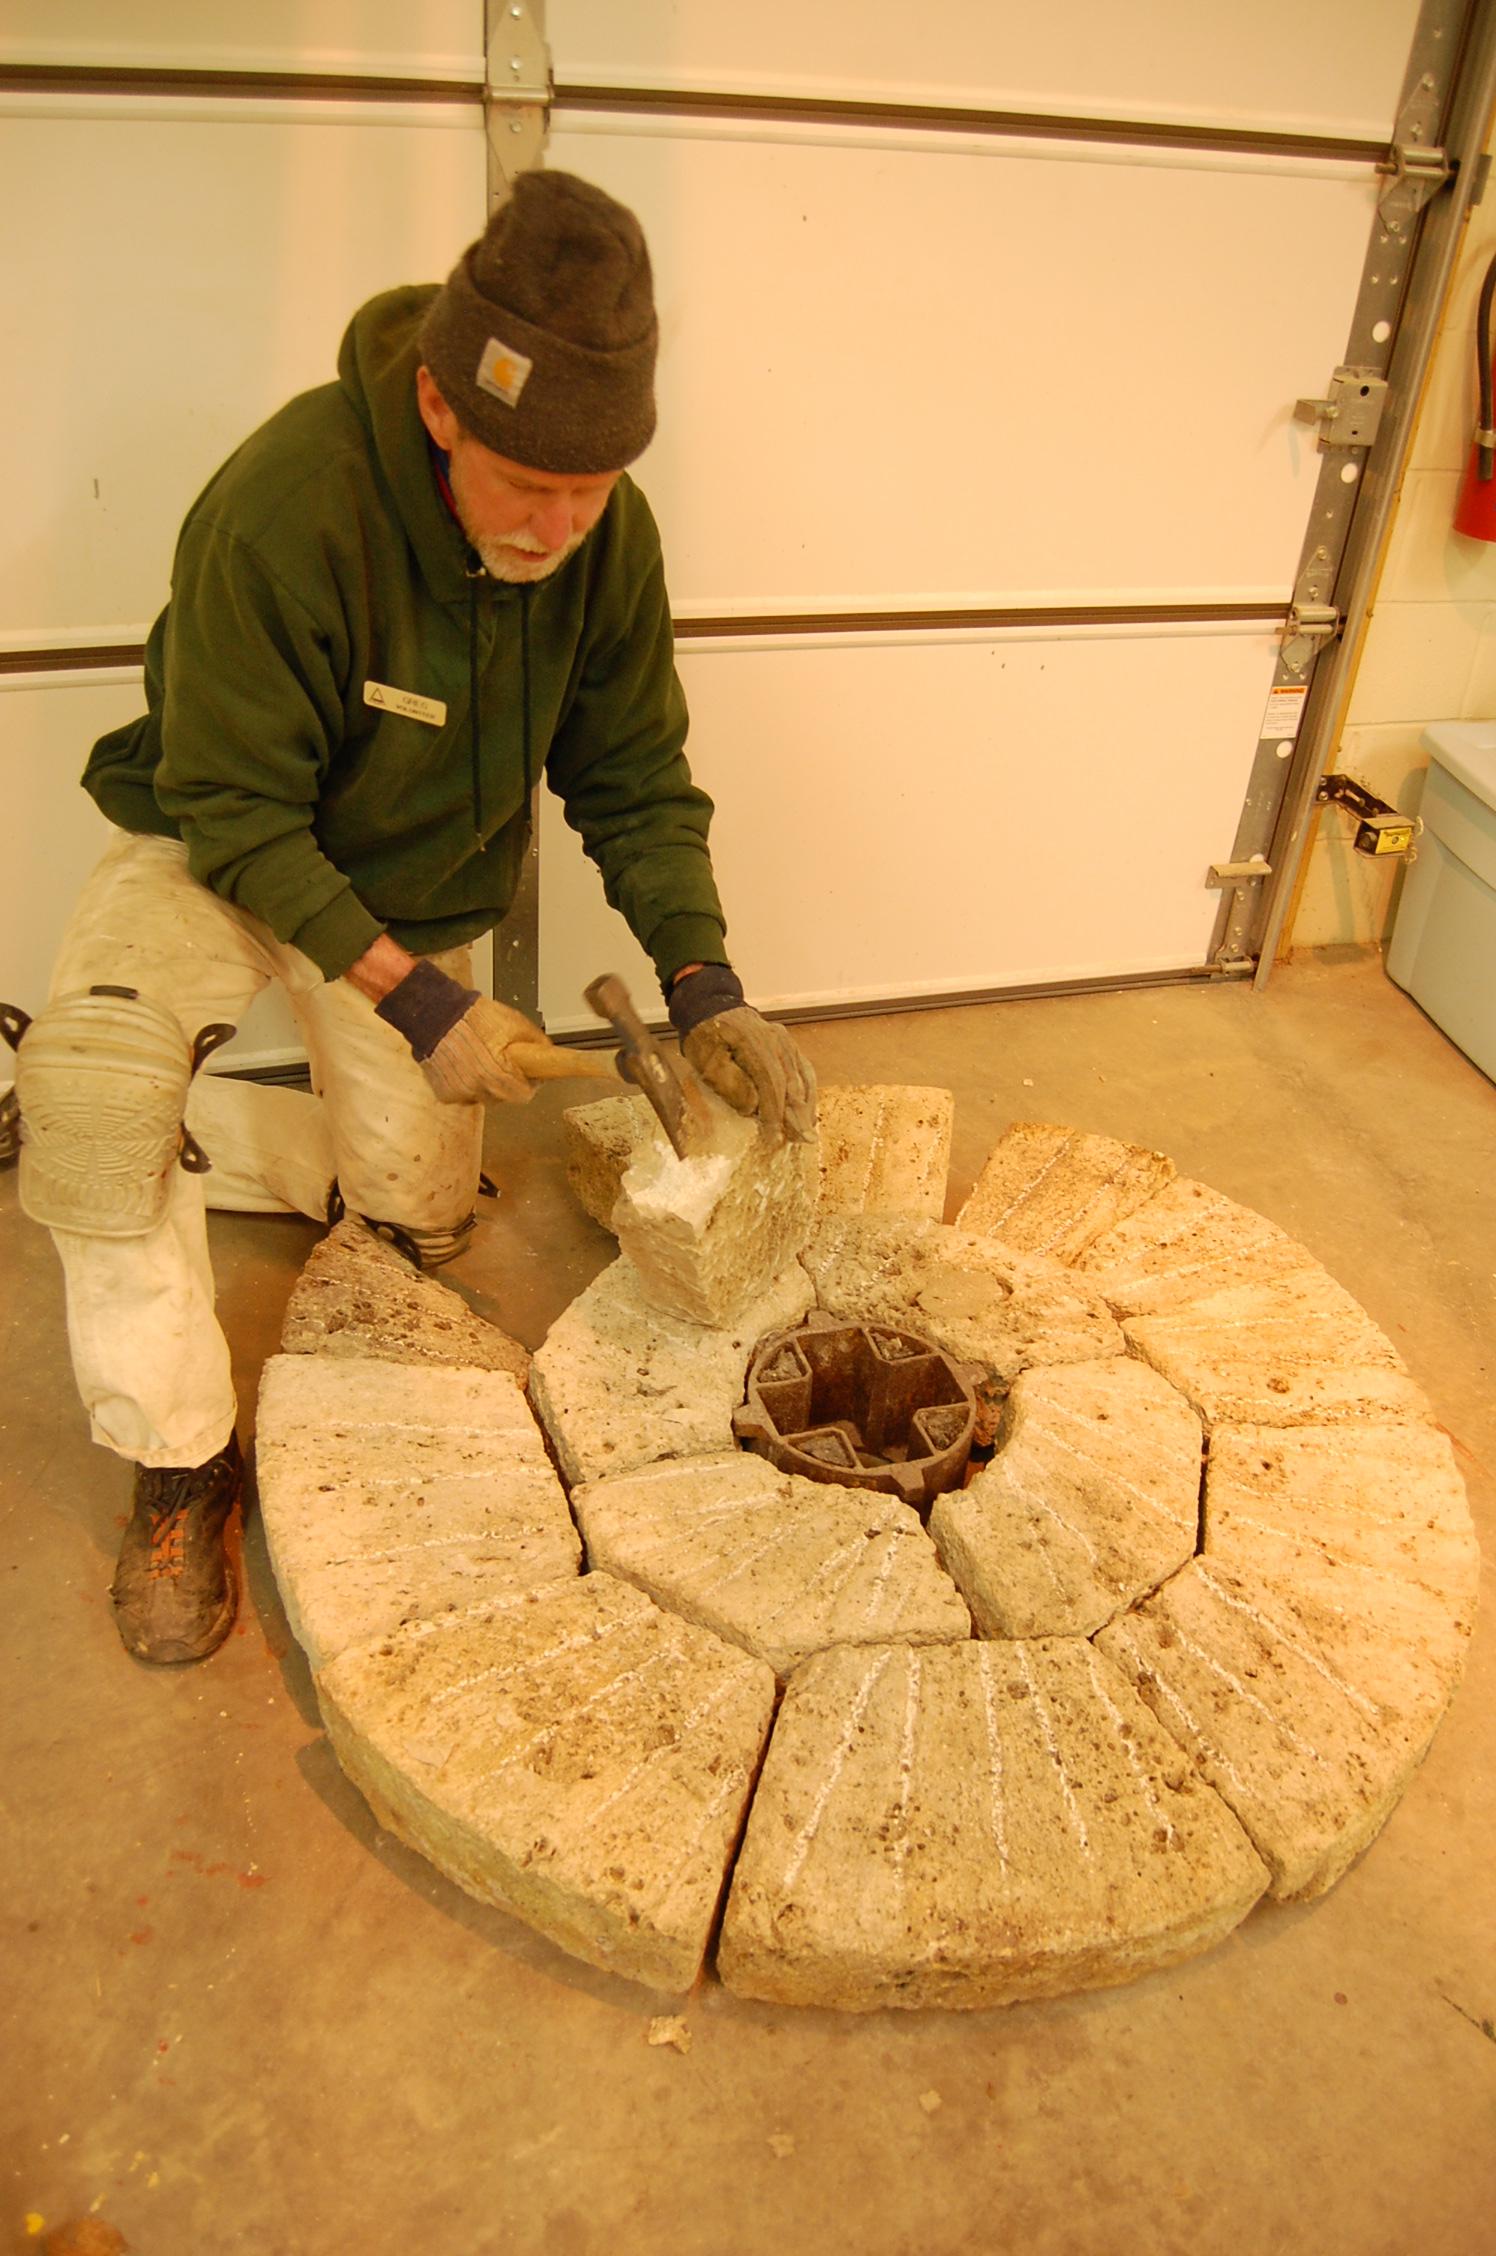 Volunteer Greg Voorhies reassembling the millstone pieces in 2013.